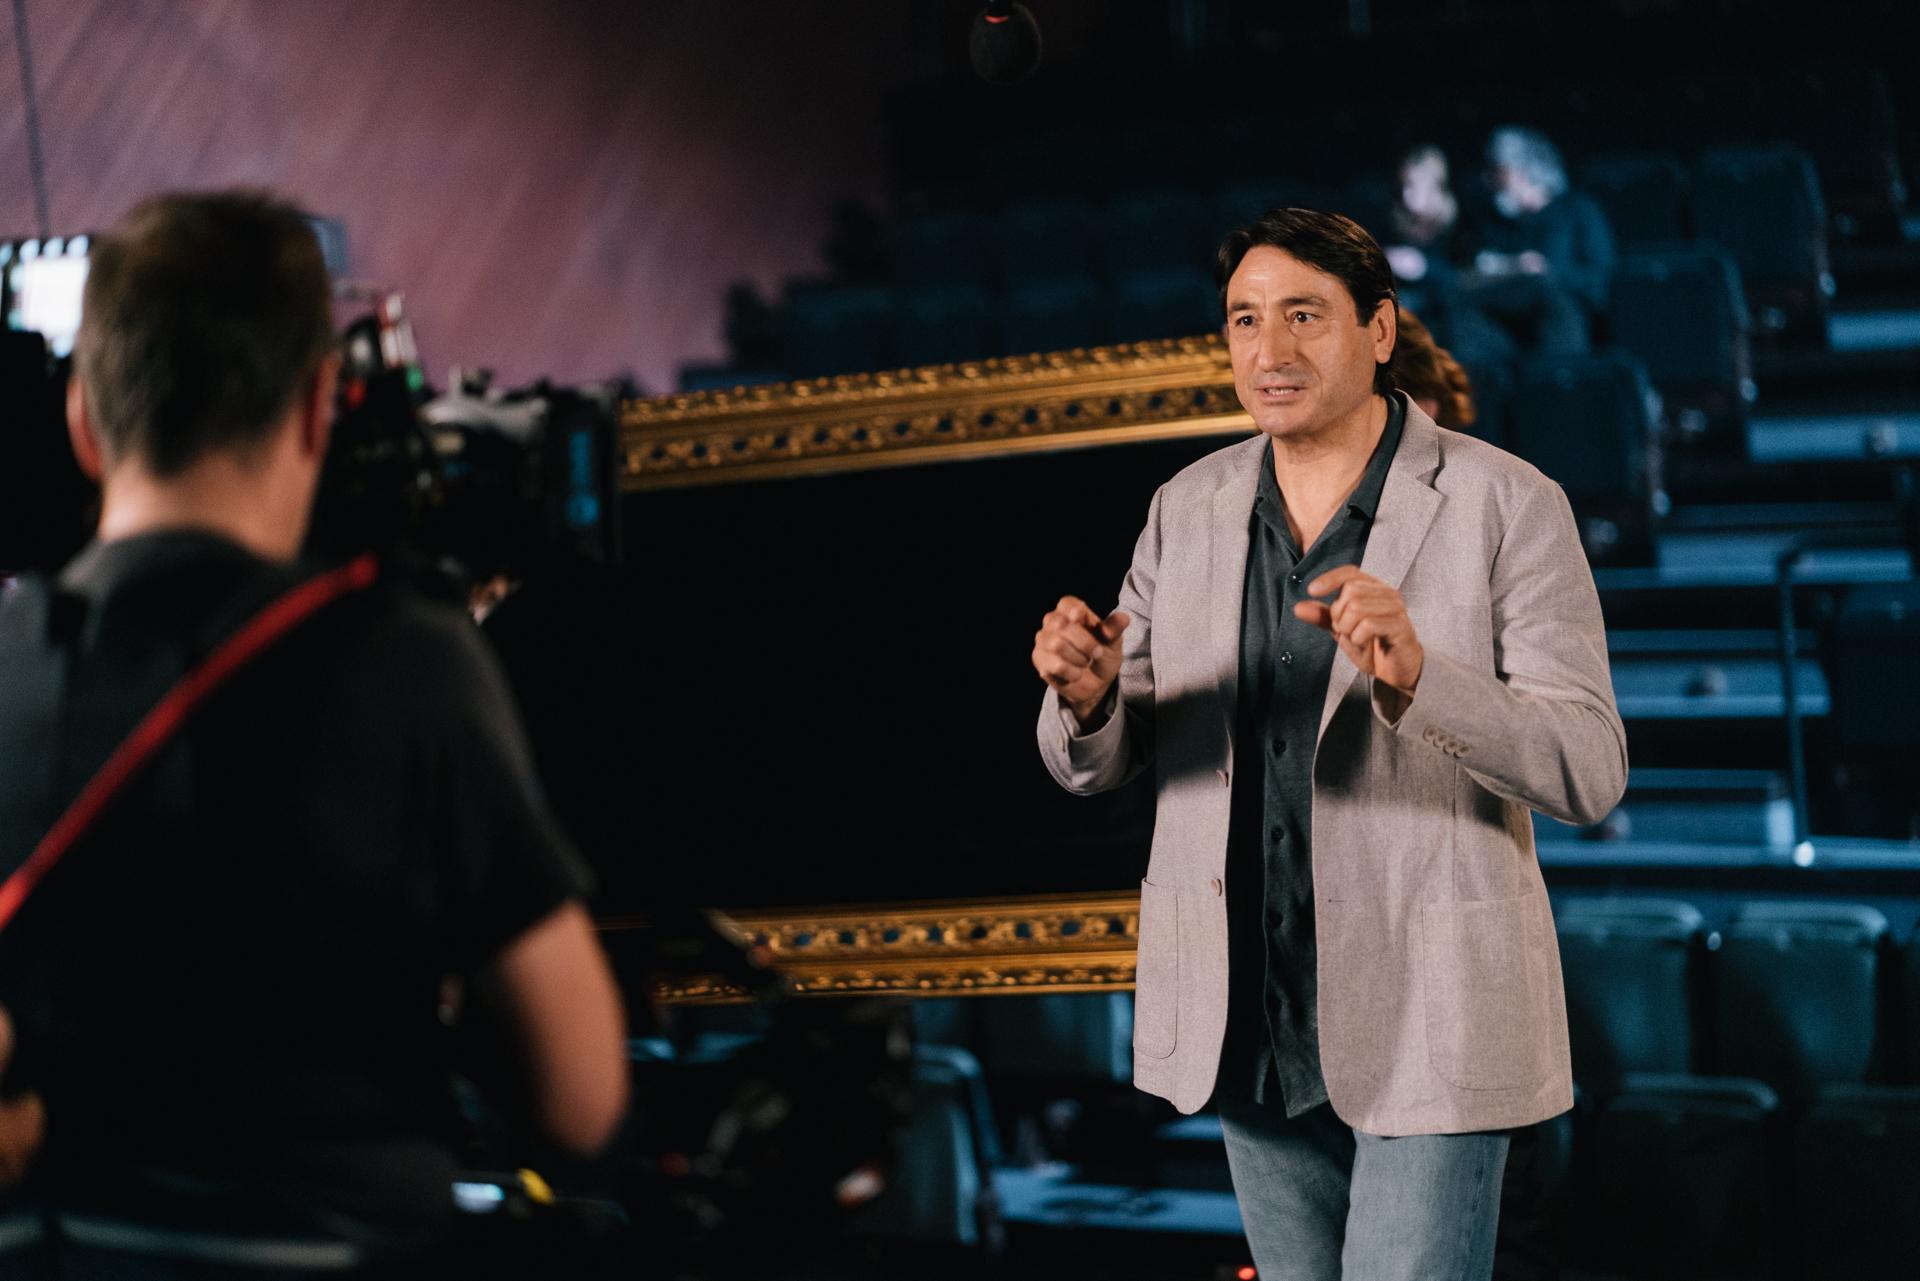 Llega a los cines de Granada una campaña para desestigmatizar la hepatitis C protagonizada por el actor Carmelo Gómez, paciente curado de esta enfermedad